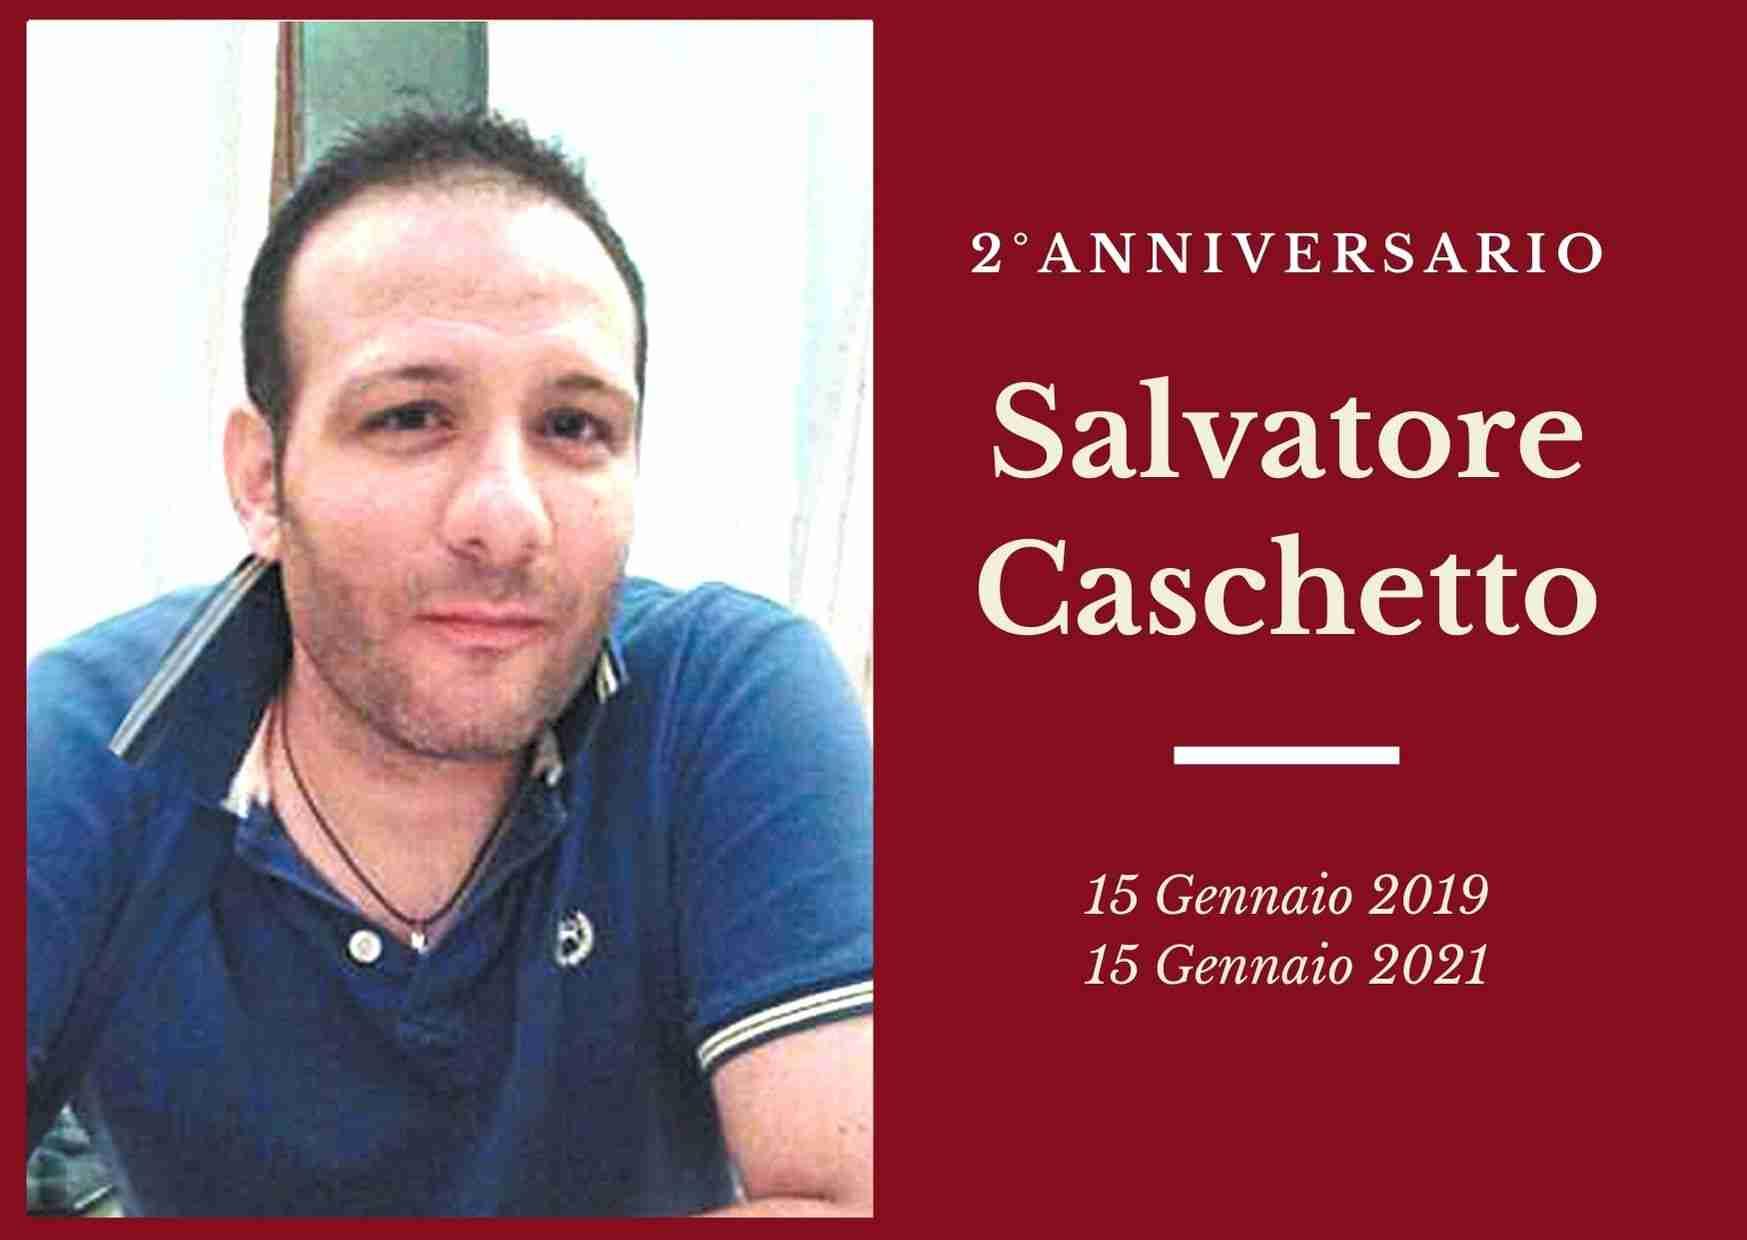 Necrologio: ricorre oggi il 2° anniversario di Salvatore Caschetto